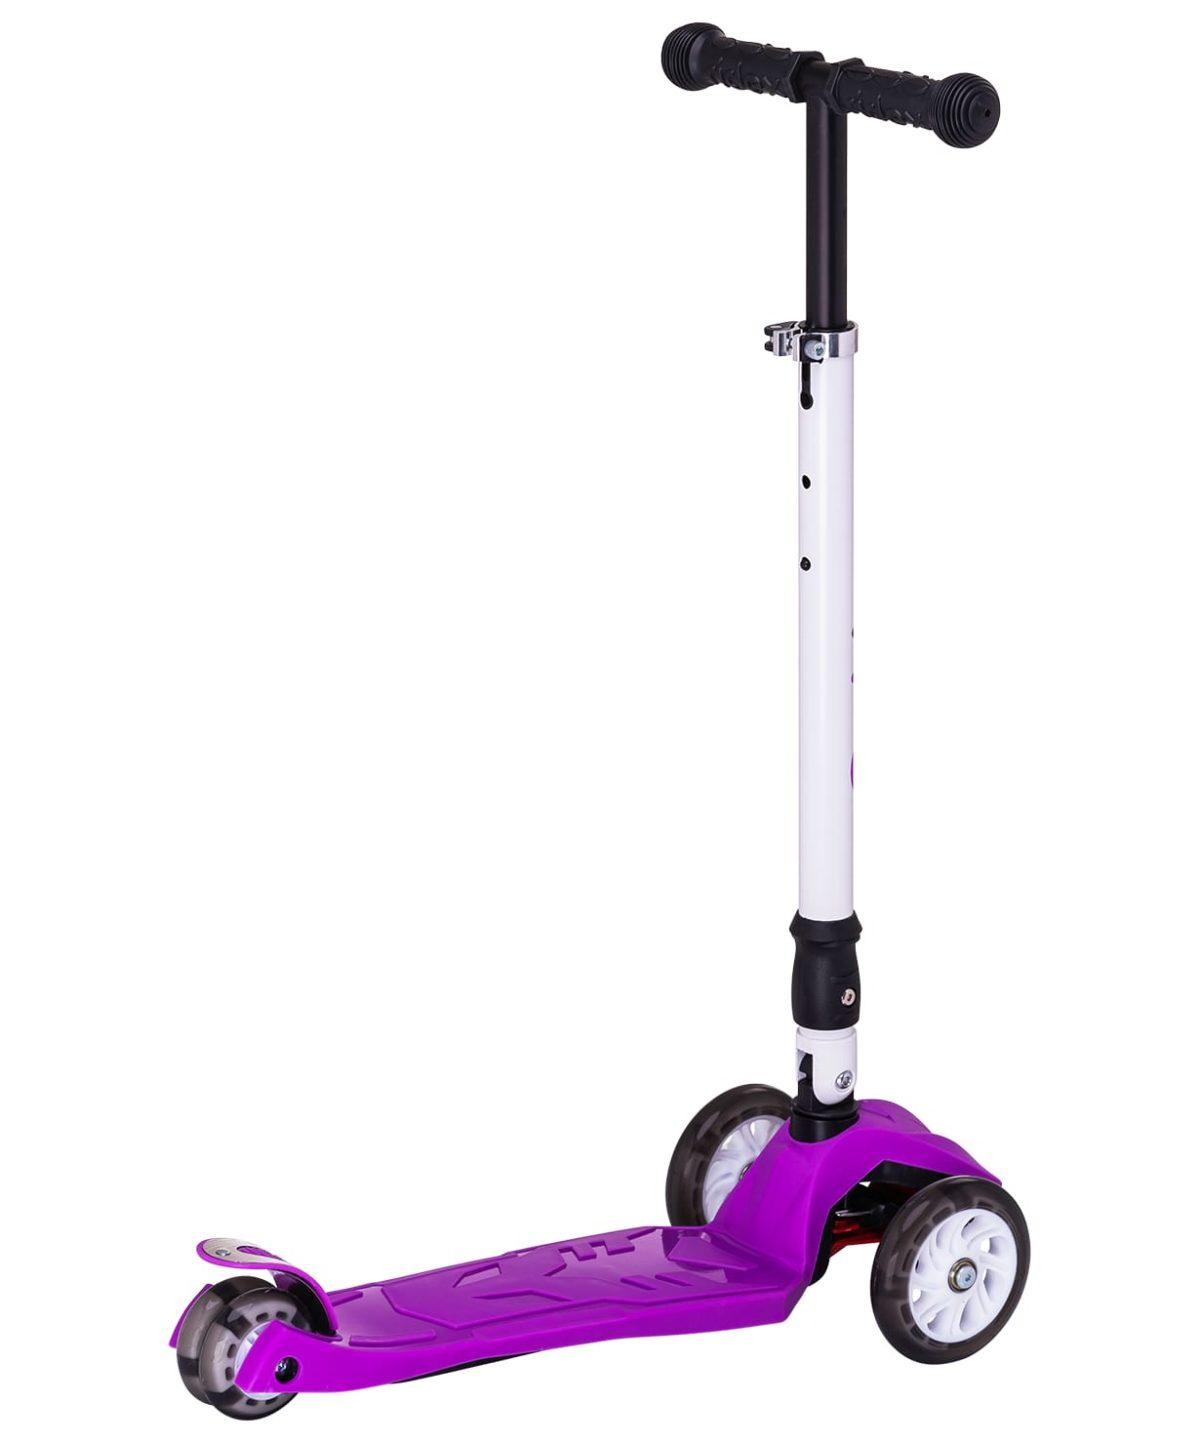 RIDEX Smart 3D Самокат 3-х колесный 120/80 мм  Smart: фиолетовый - 1